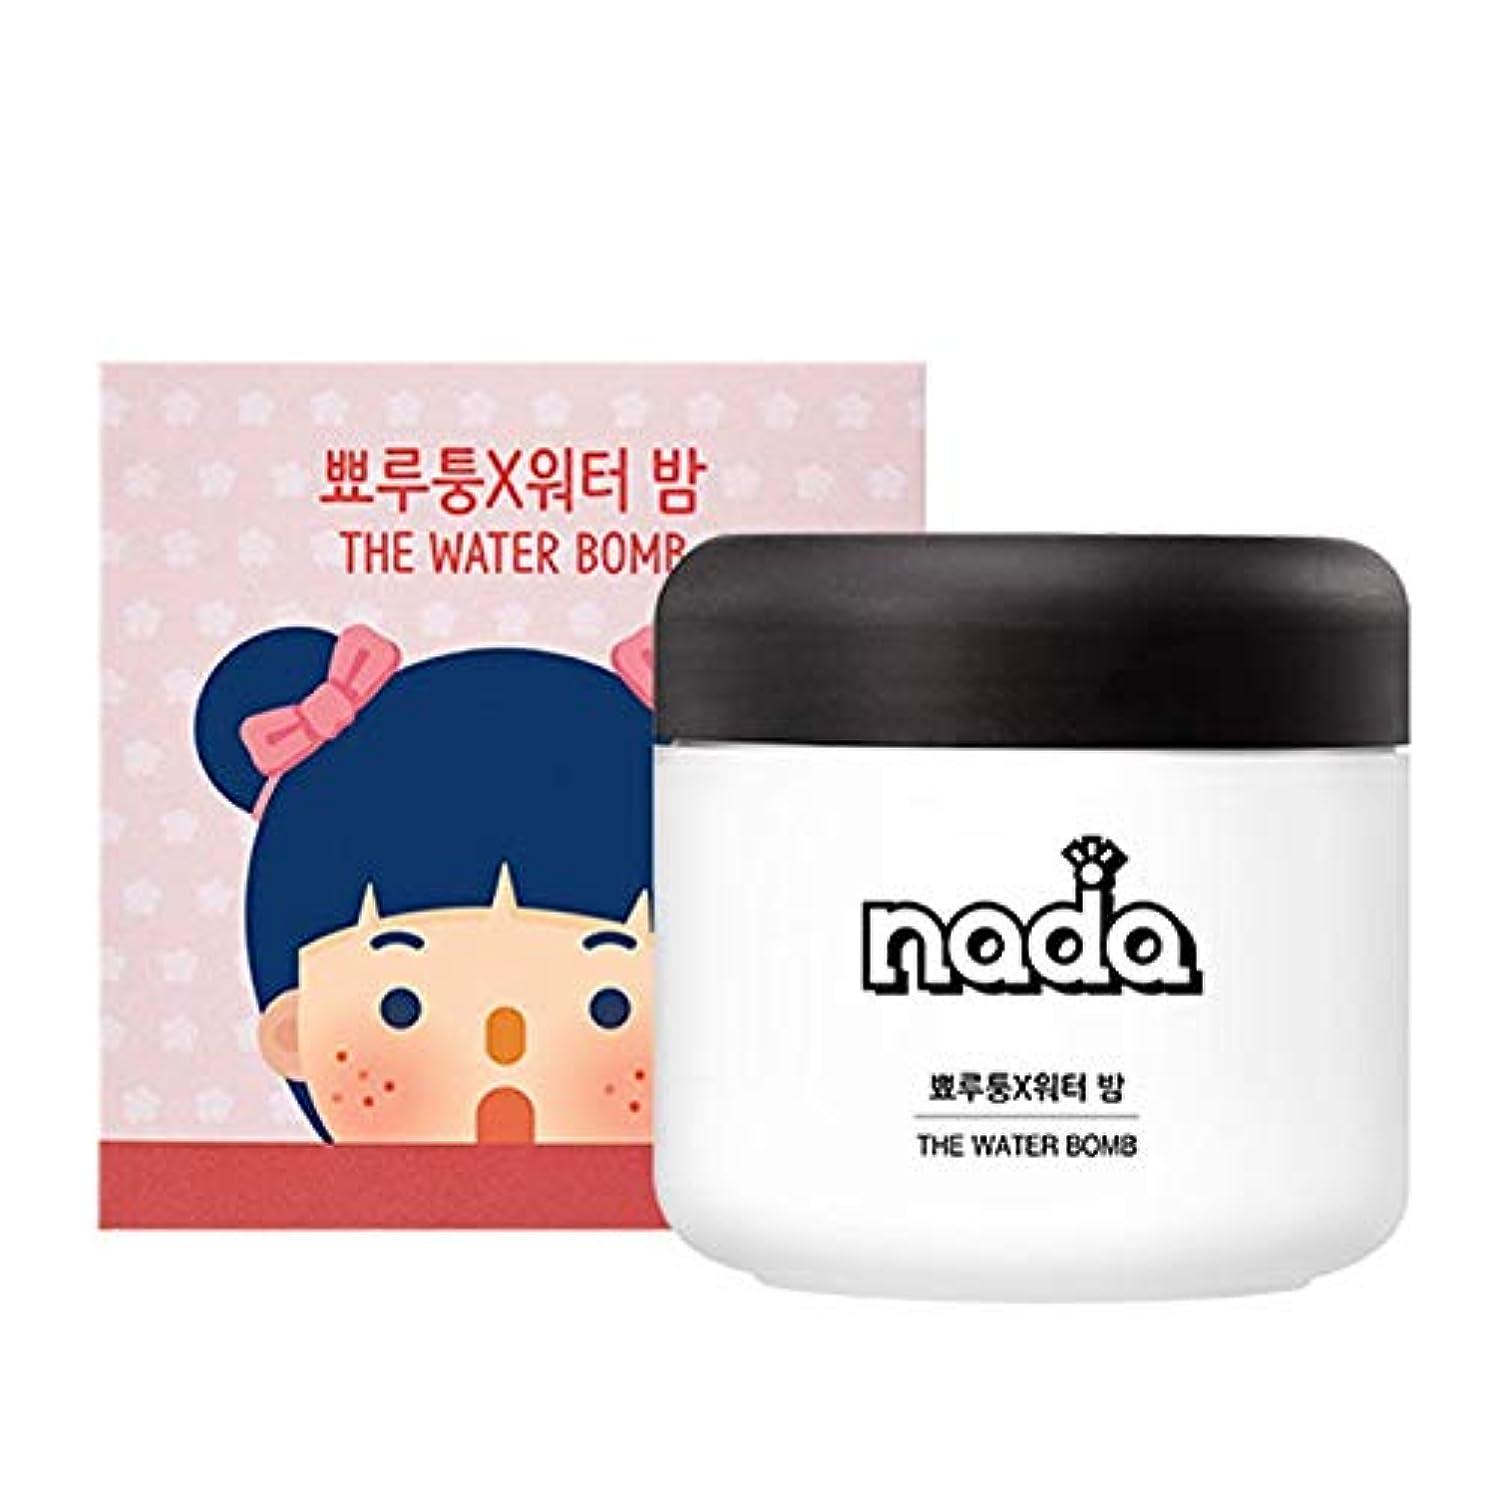 農民同盟頑張るBEST韓国水爆弾50グラムモイスチャライジングフェイスクリームケア寧アンチリンクル化粧品NADA